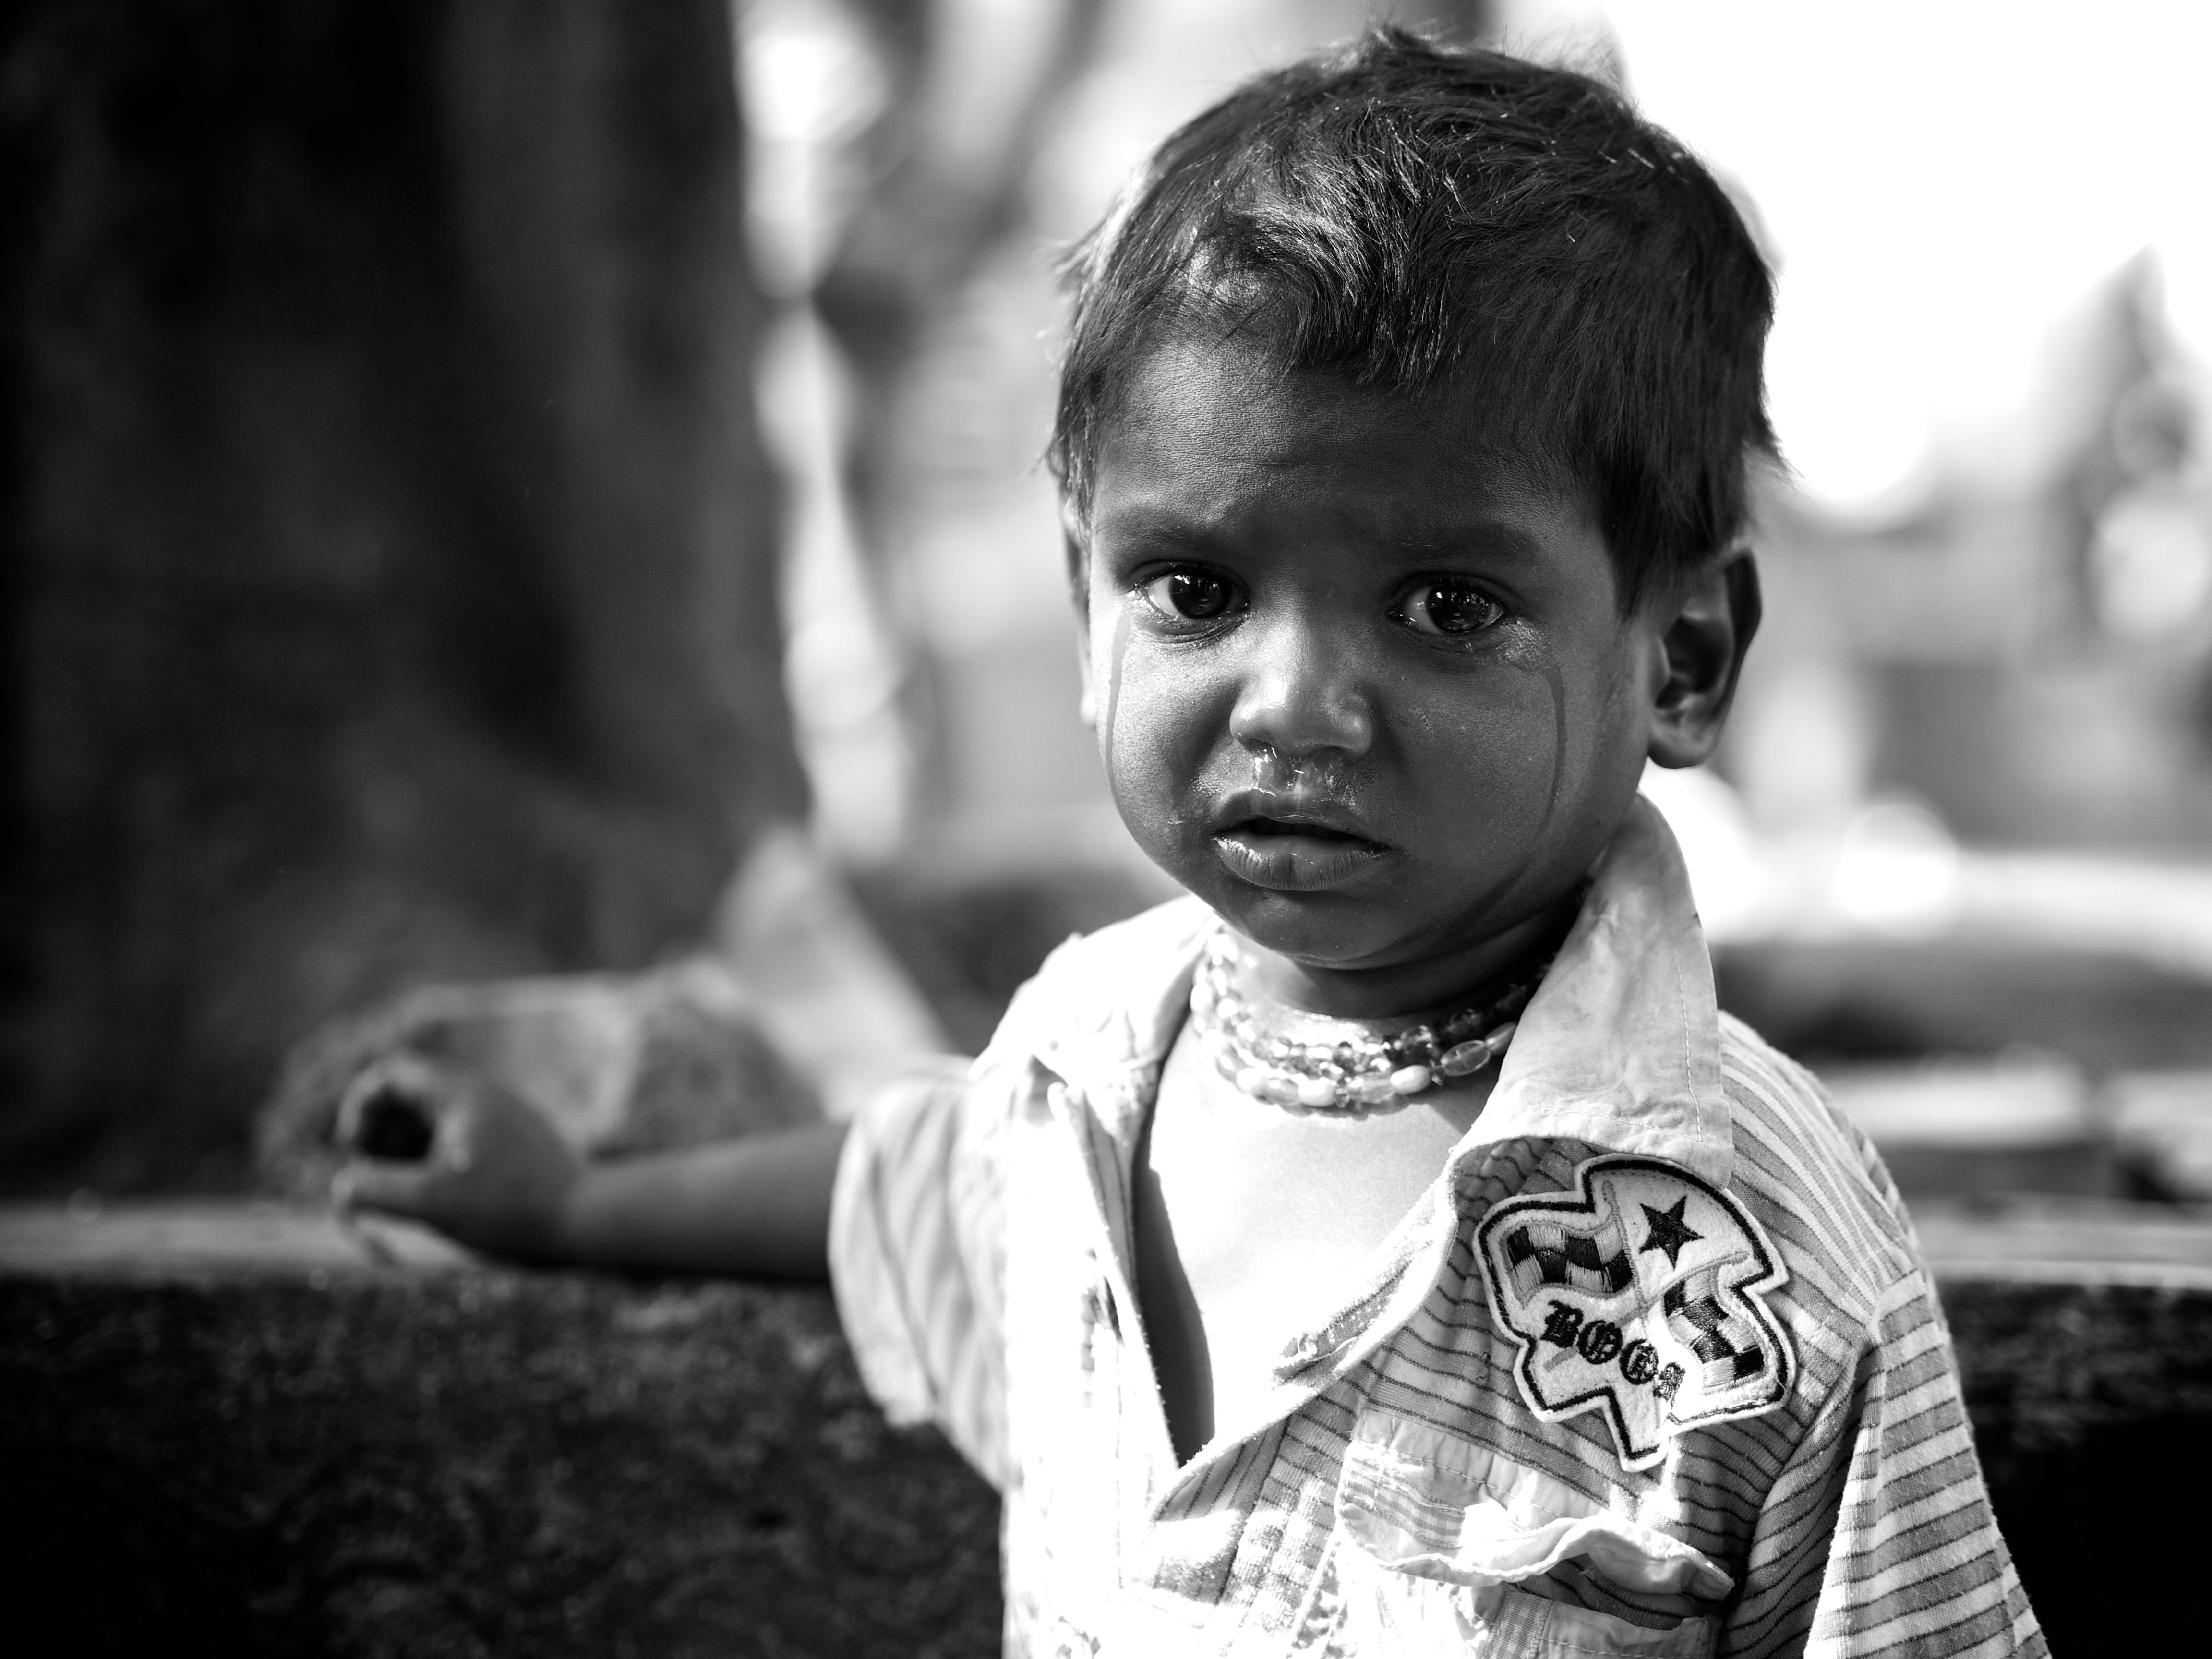 フリー画像素材] 人物, 子供 – 男の子, モノクロ, 泣く・涙, インド人 ...